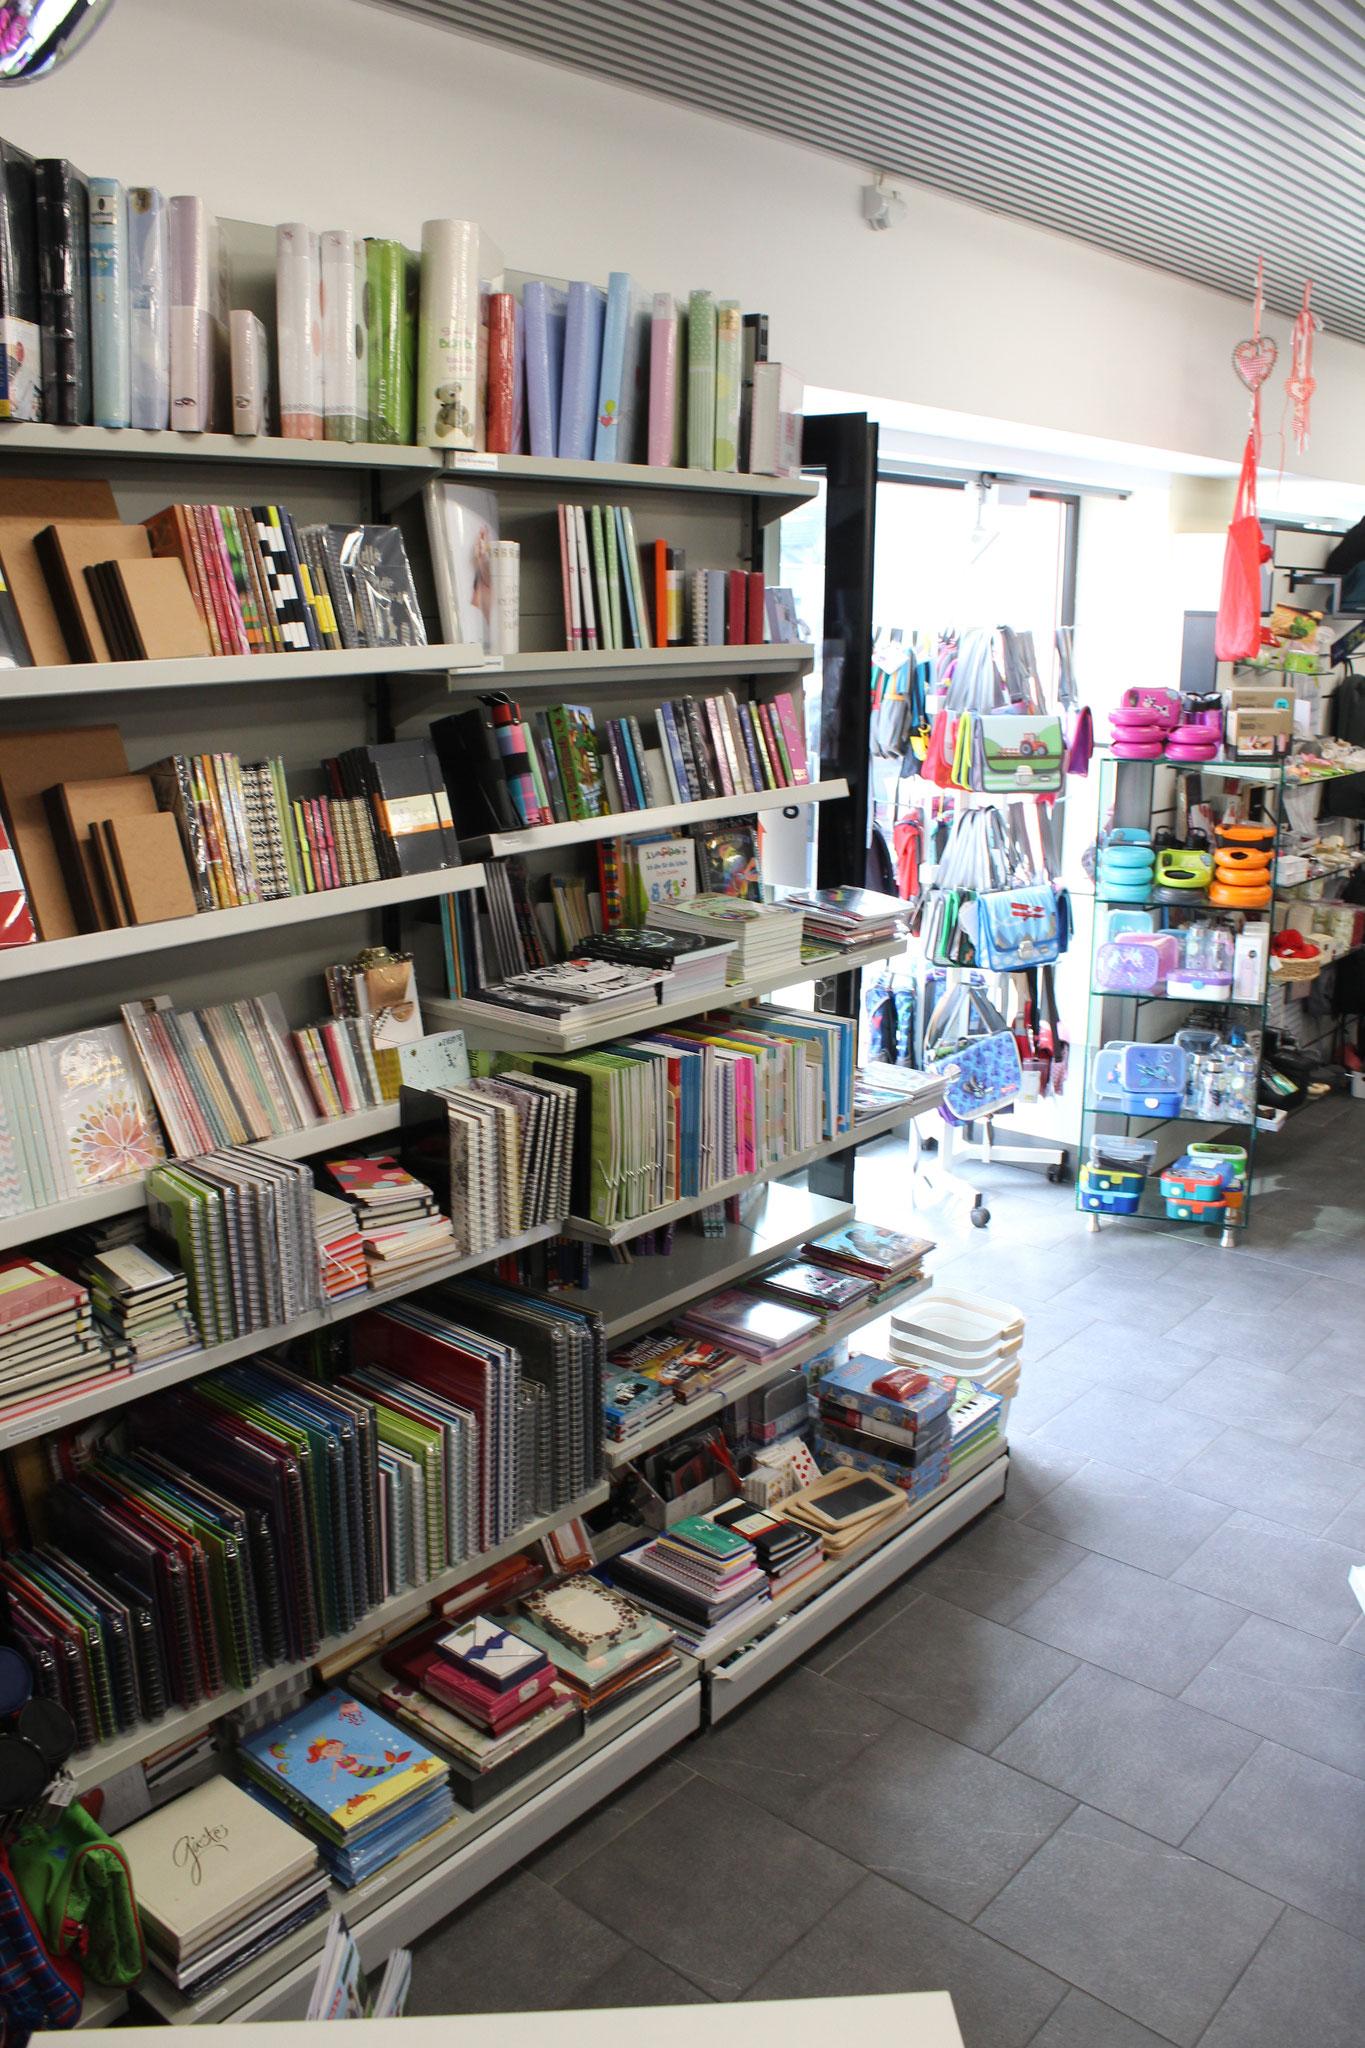 grosse Auswahl an Notiz-Bücher